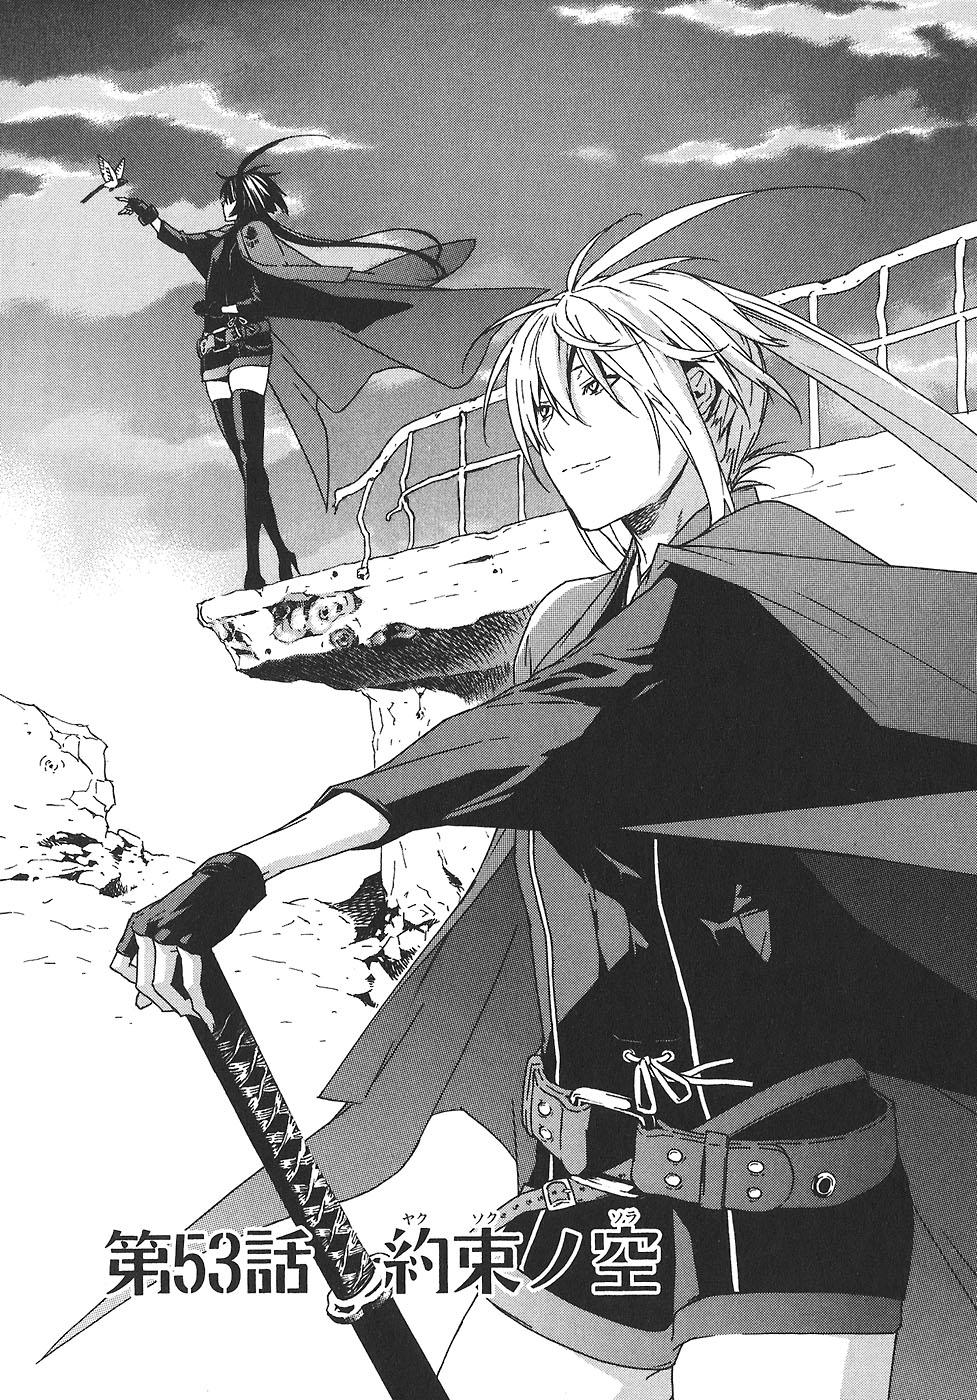 Sekirei manga chapter 053.jpg